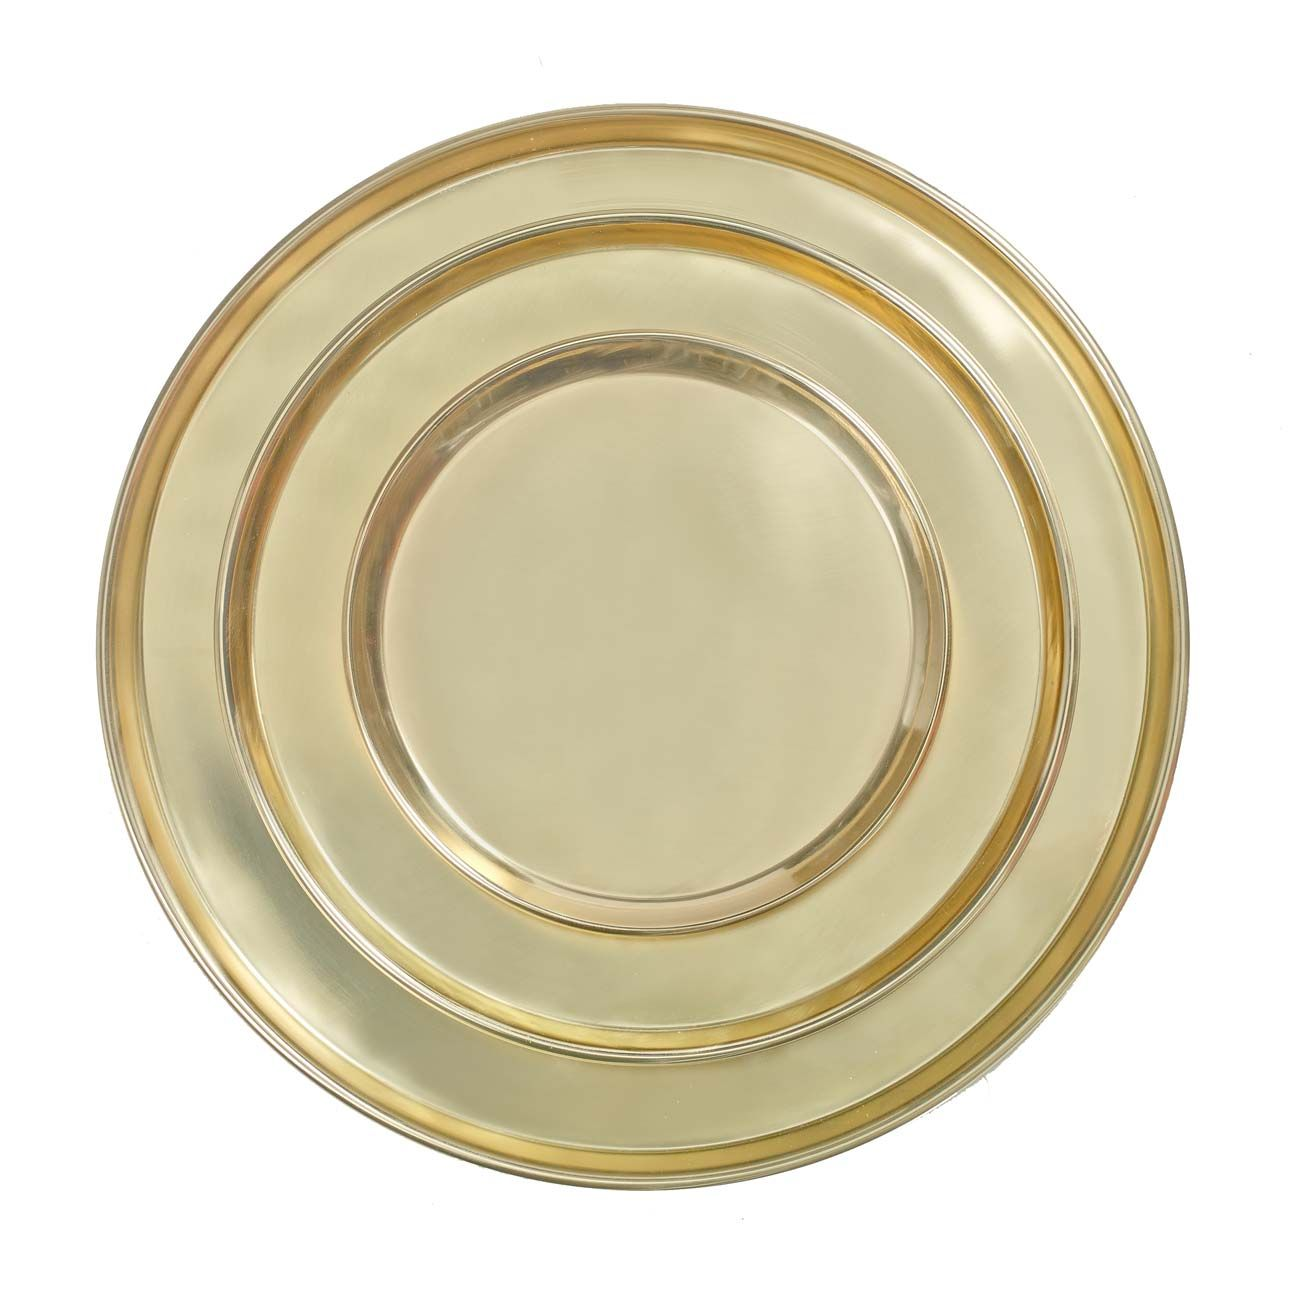 Tablett rund, goldfarben, groß